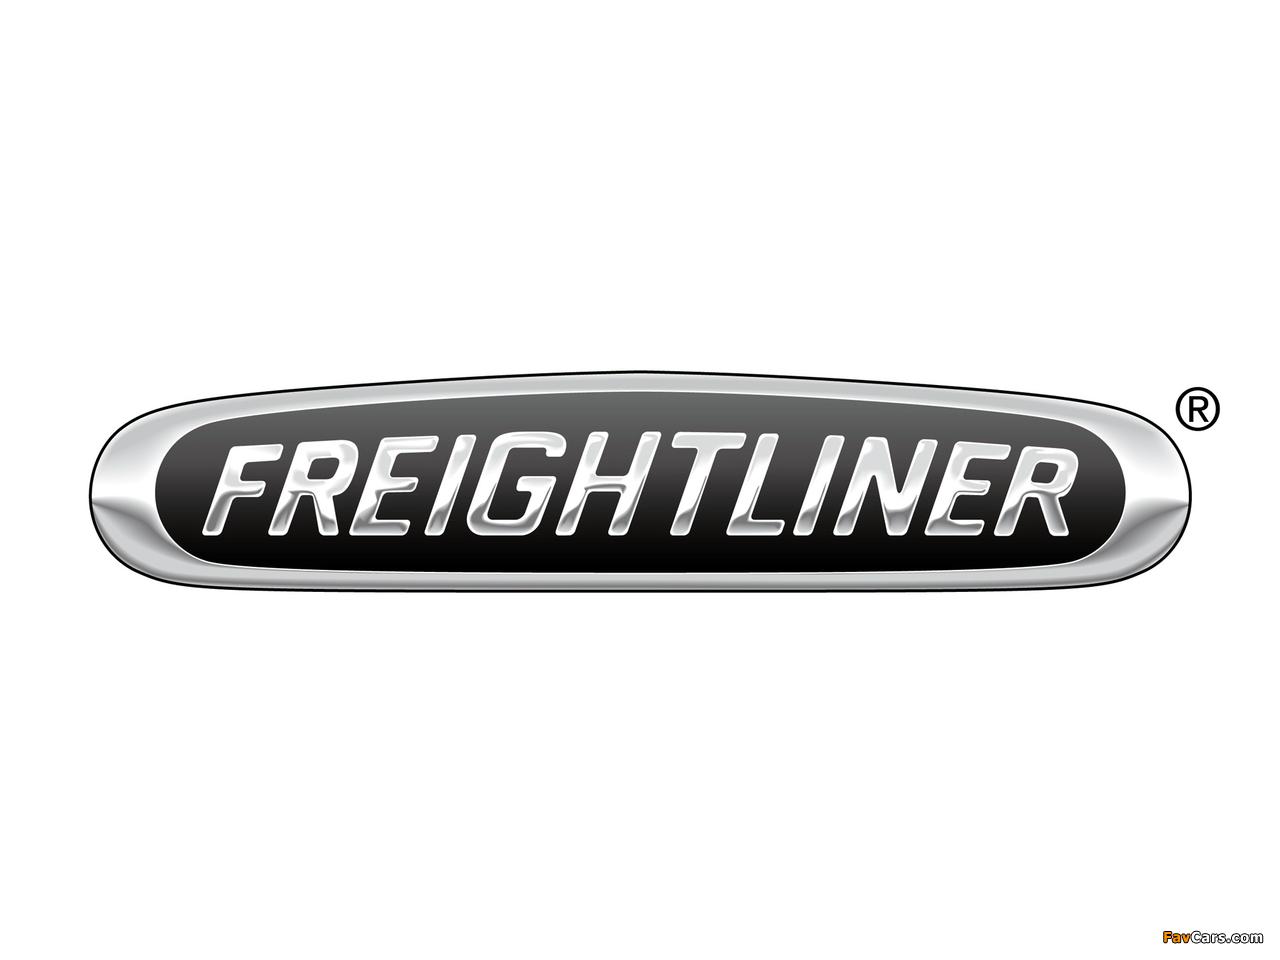 Freightliner photos (1280 x 960)